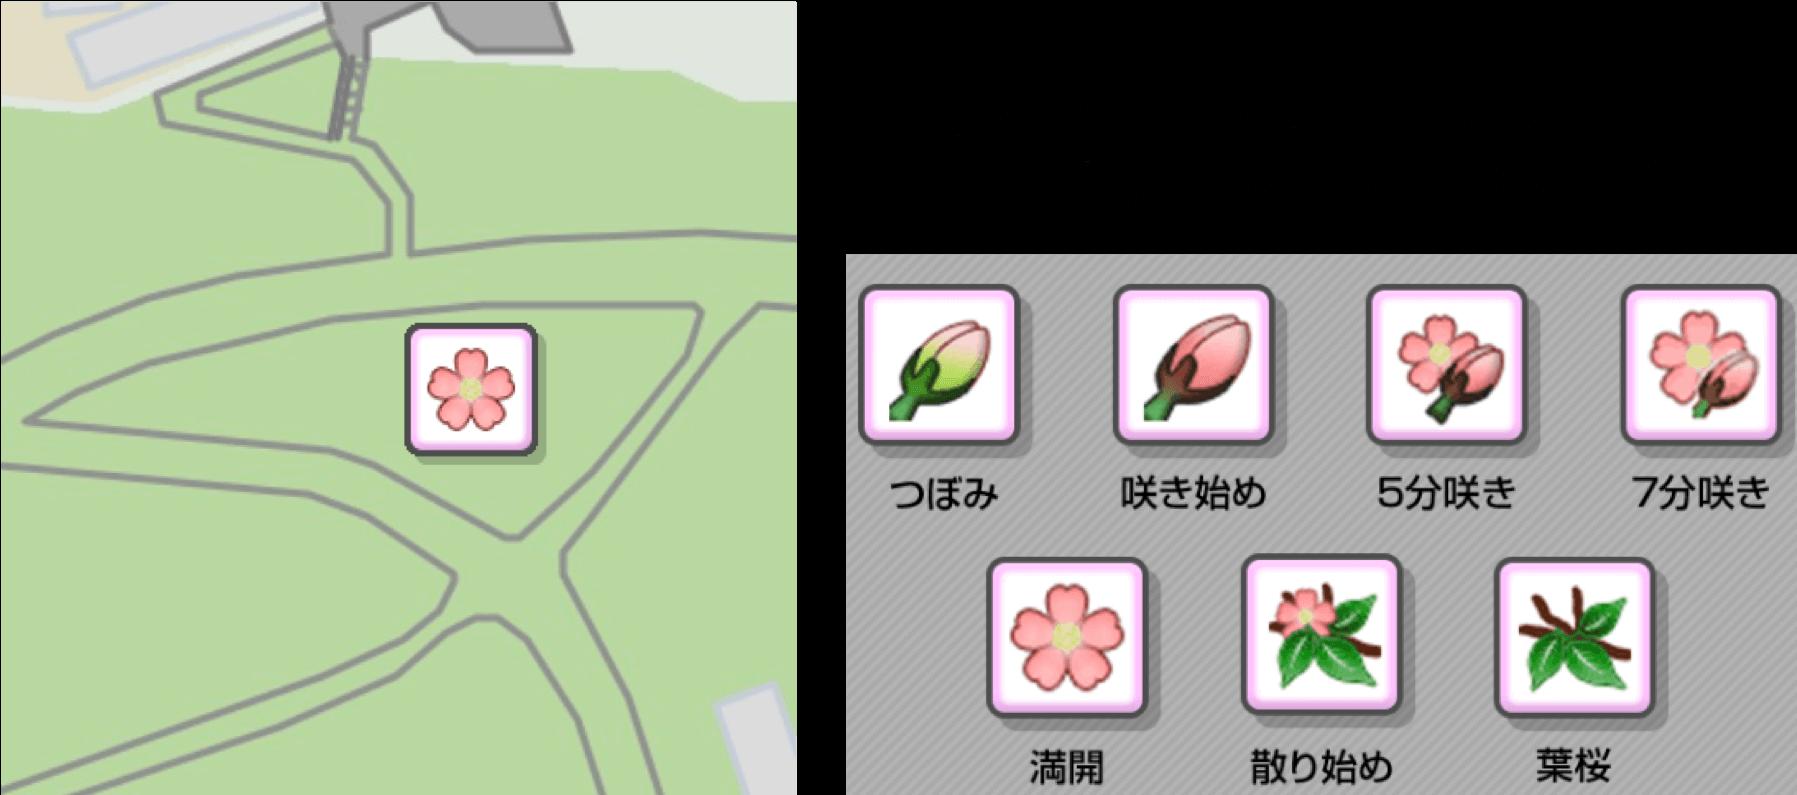 sakura_icons.png